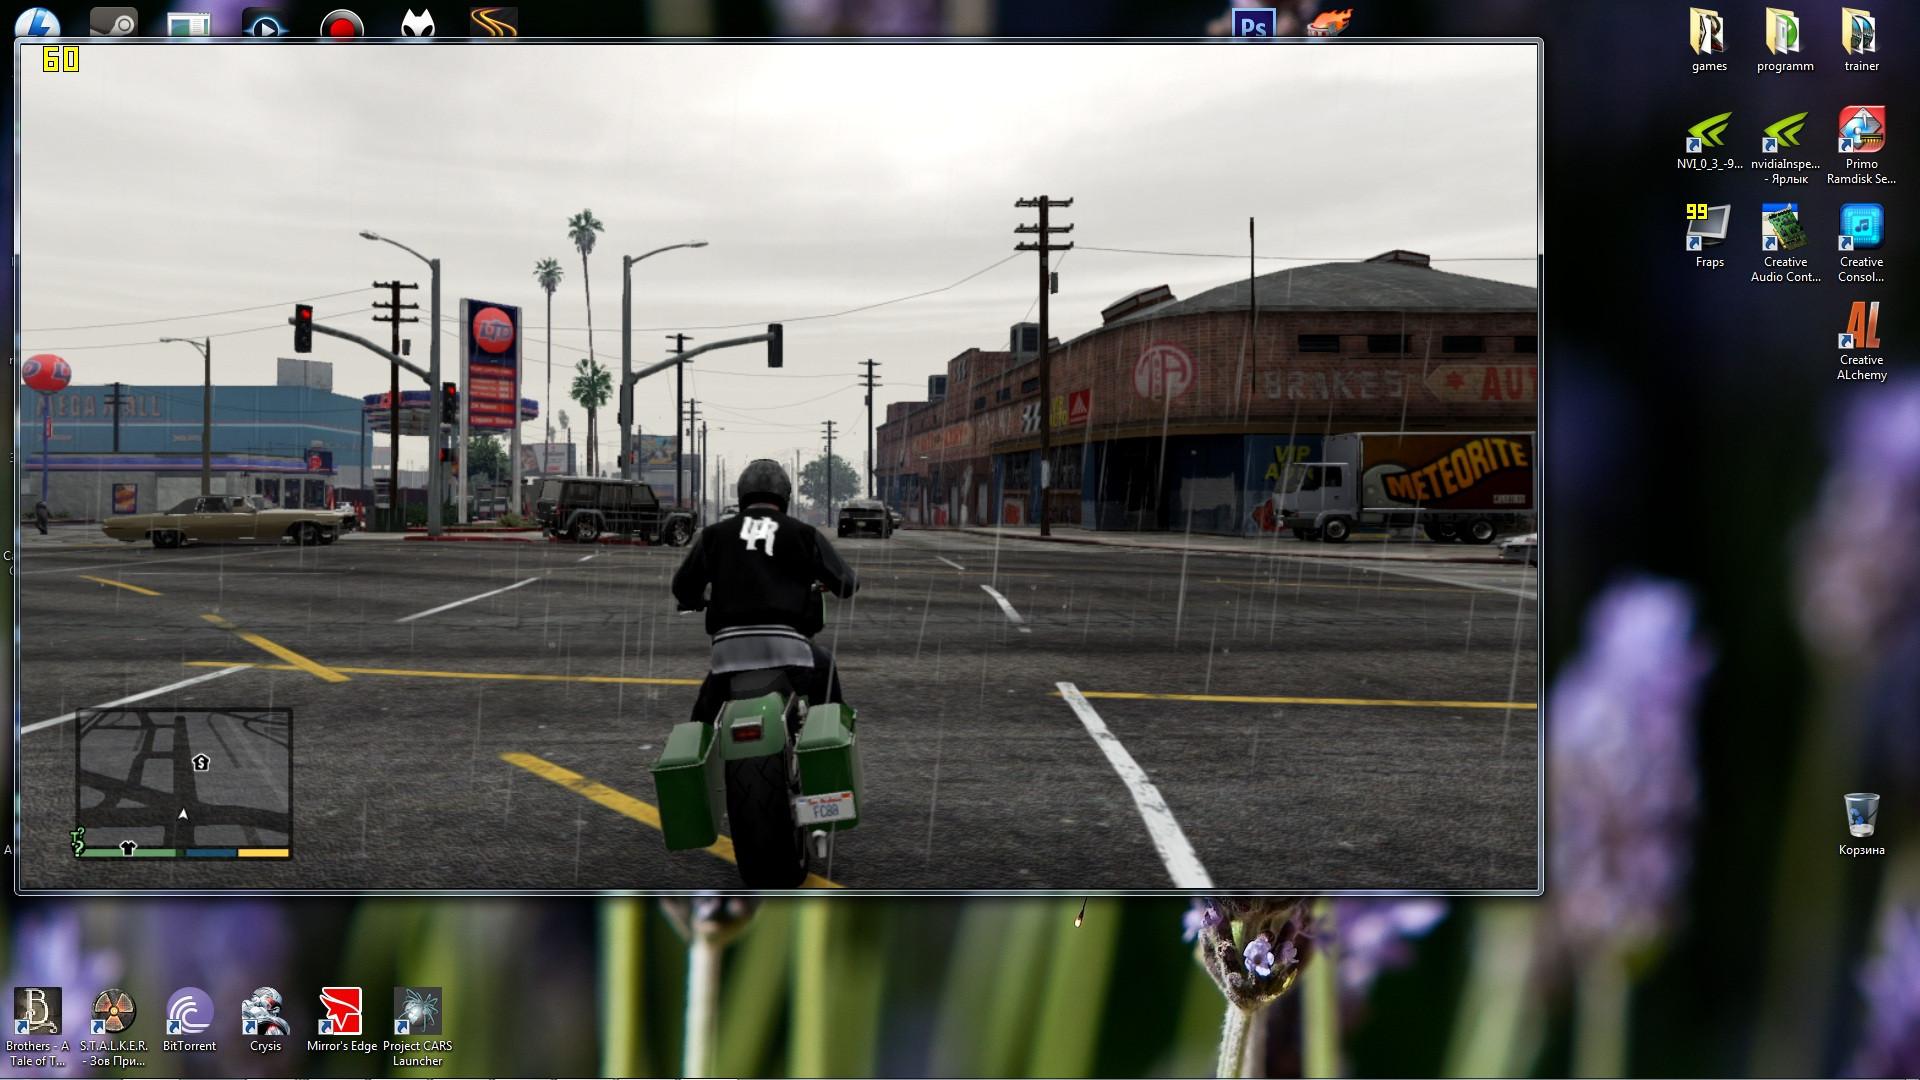 Aplikace iFruit obsahuje zmínky o PC verzi GTA V 88018